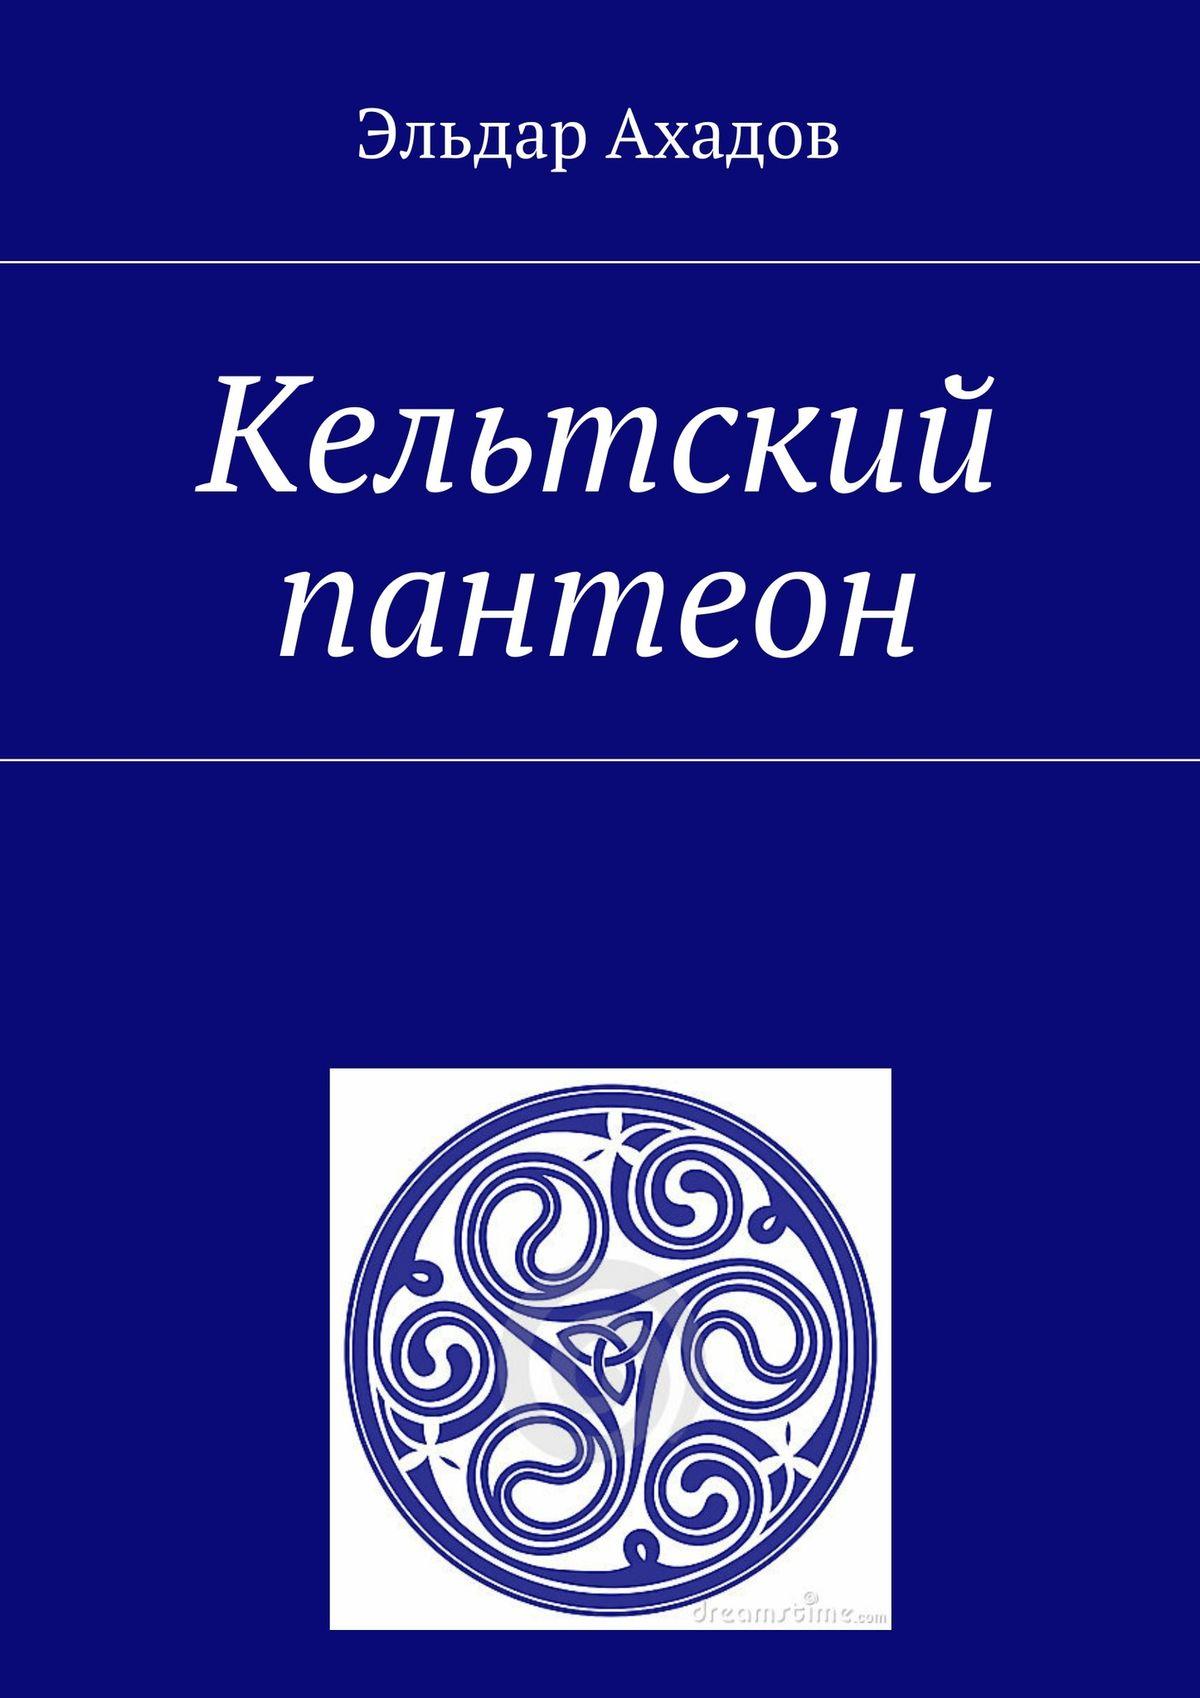 Эльдар Алихасович Ахадов Кельтский пантеон эльдар ахадов книга странствий том первый